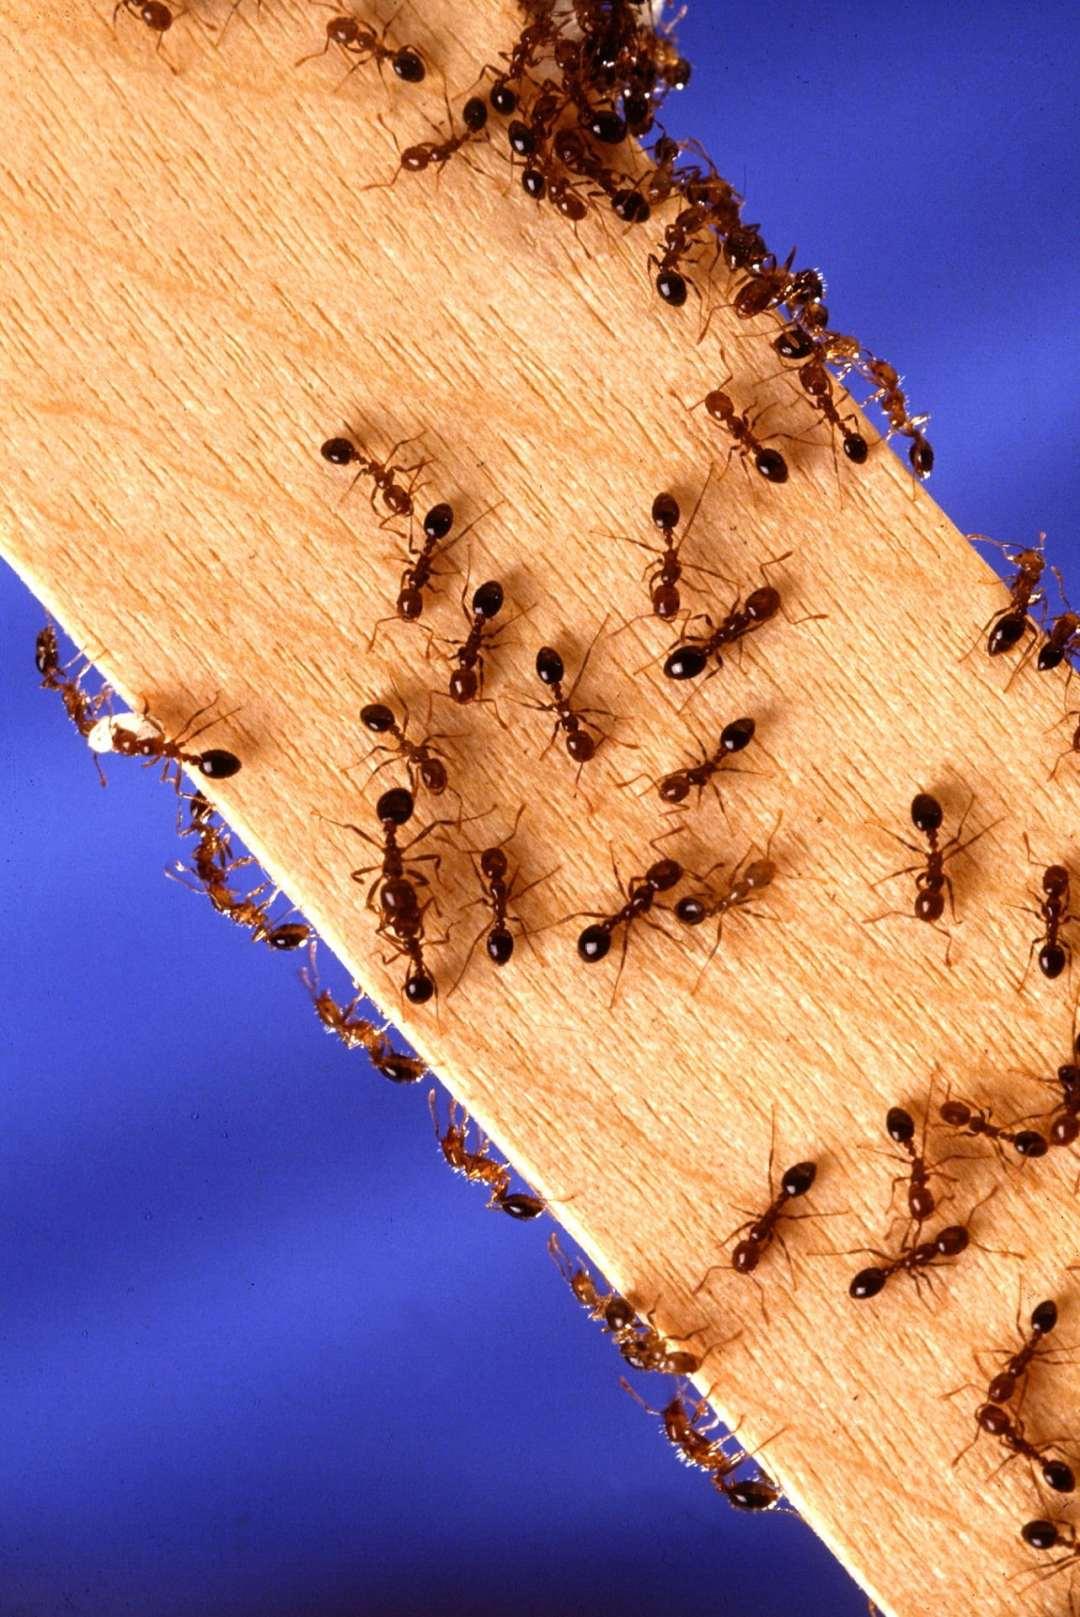 Plagas de Hormigas, Cucarachas, Ratas y Ratones